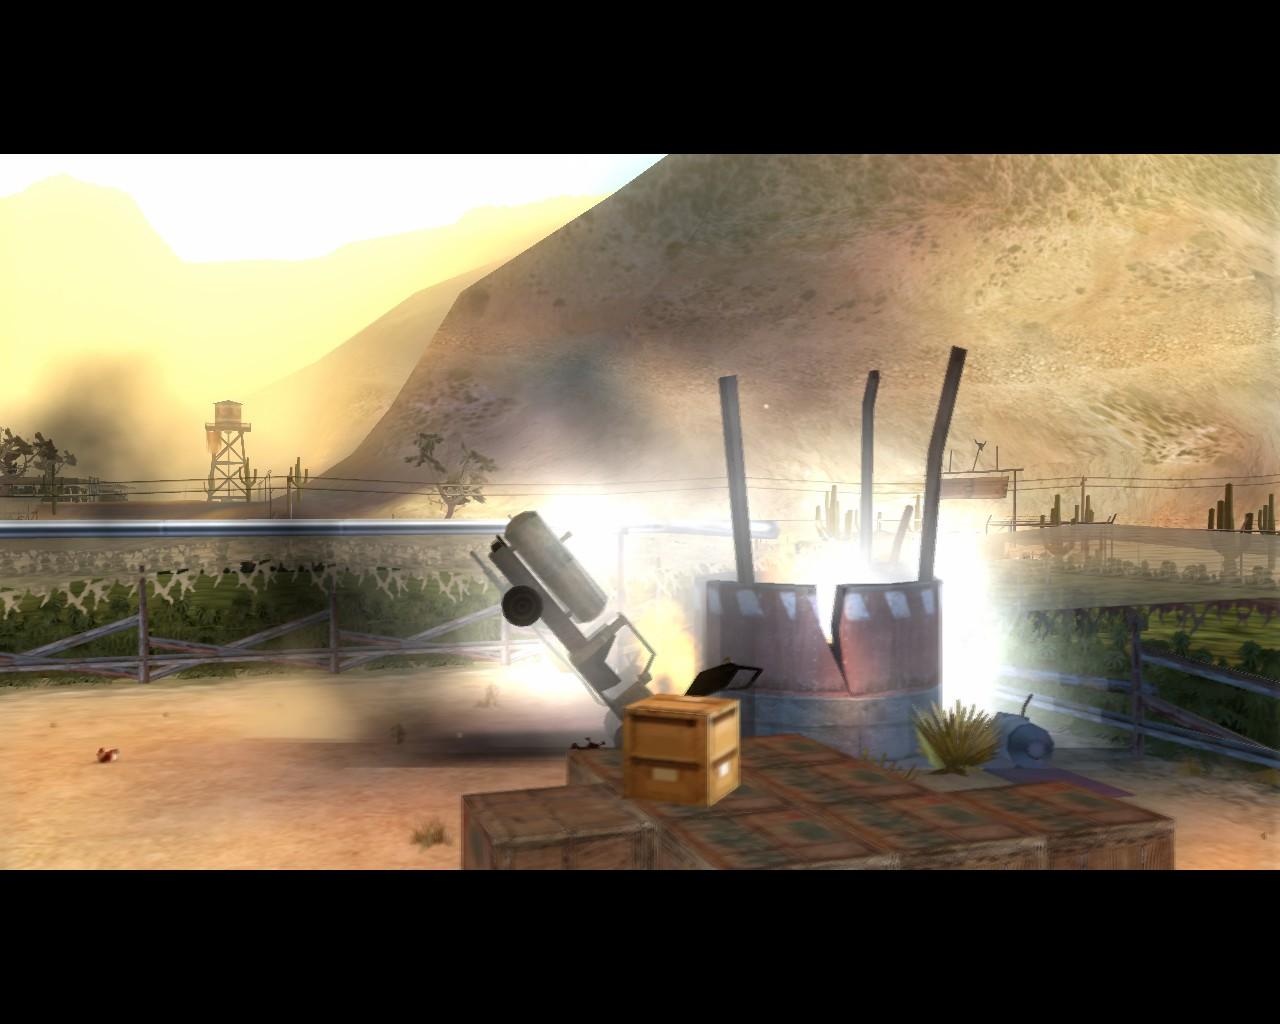 कुल ओवरडोज - विस्फोटक वितरण